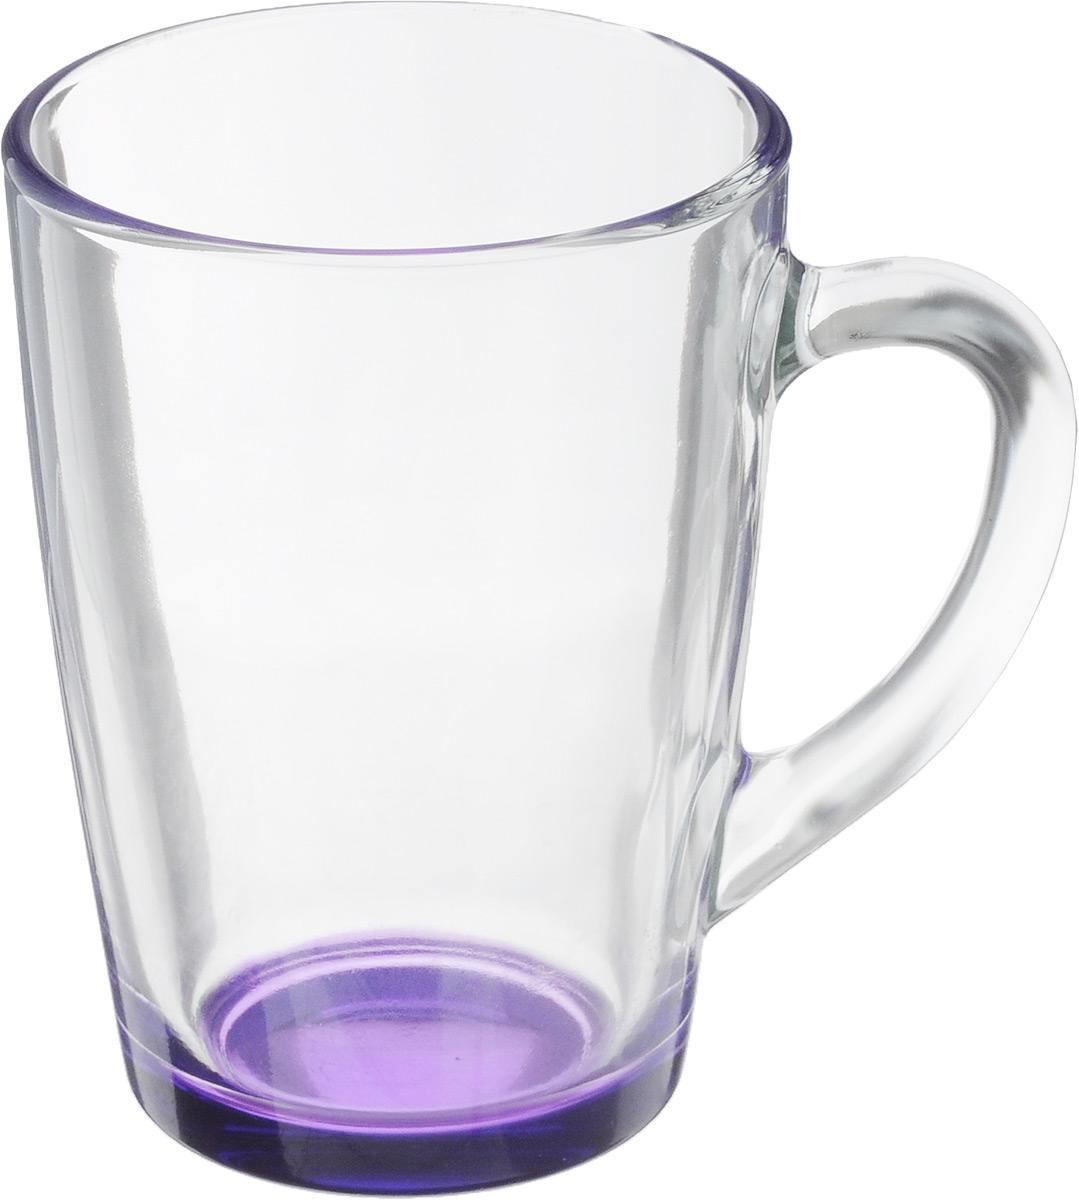 Кружка OSZ Капучино, цвет: прозрачный, фиолетовый, 300 мл. 07C1334LM07C1334LM_прозрачный, фиолетовыйКружка OSZ Капучино изготовлена из стекла двух цветов. Изделие идеально подходит для сервировки стола.Кружка не только украсит ваш кухонный стол, но и подчеркнет прекрасный вкус хозяйки. Диаметр кружки (по верхнему краю): 8 см. Высота кружки: 11 см. Объем кружки: 300 мл.